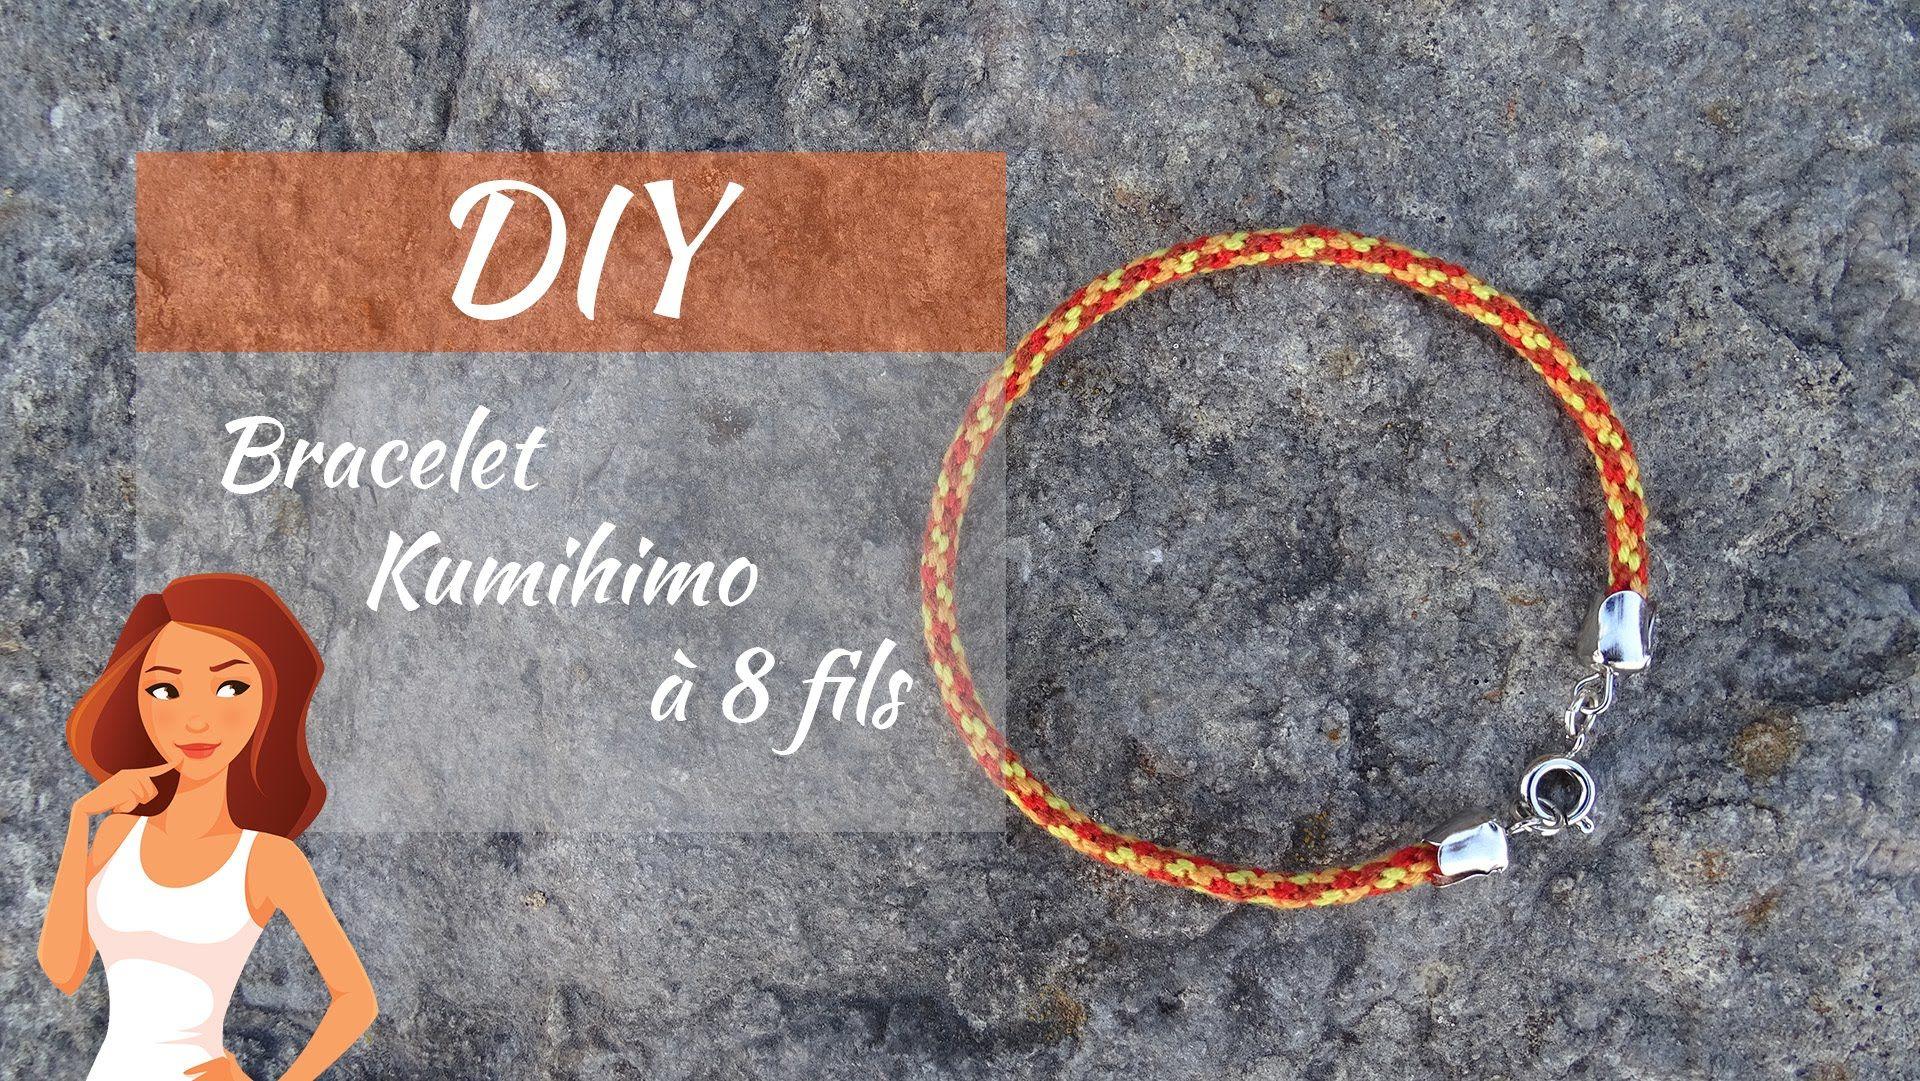 apprenez les bases du tressage kumihimo avec ce tuto expliquant comment faire un bracelet